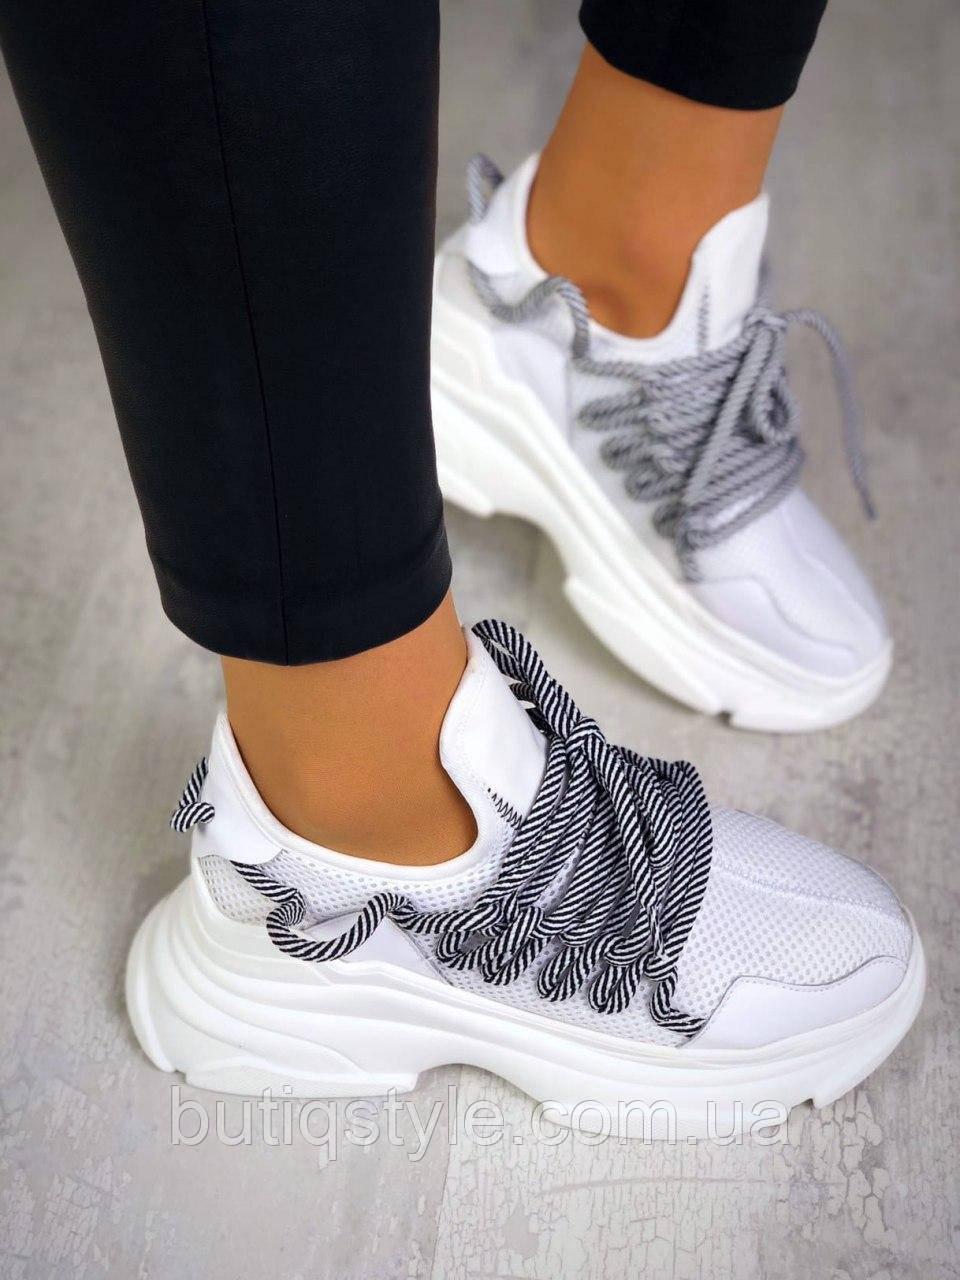 38 размер 24 см Женские кроссовки белые с серыми шнурками эко-кожа на платформе